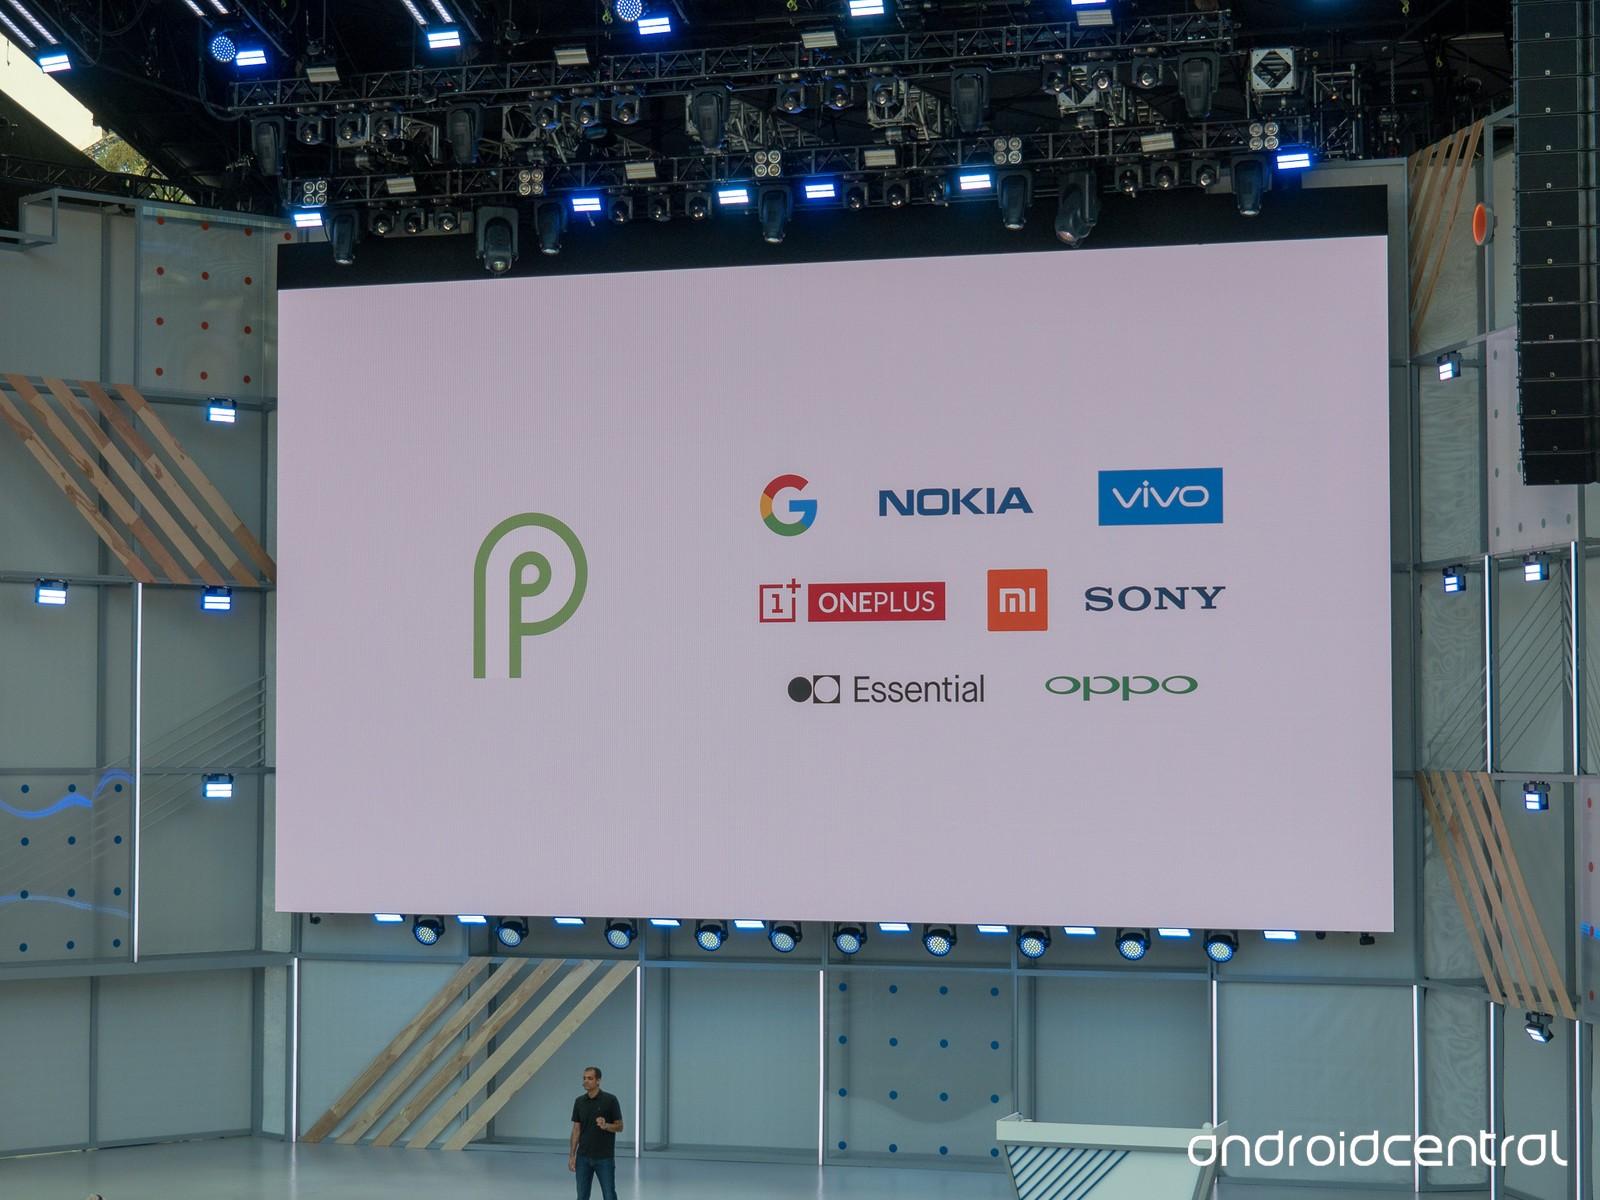 Qué hacer con el teléfono no Pixel cuando termina la beta de Android P. Conseguir el teléfono de software estable no es tan fácil como usted podría haber esperado que sería.